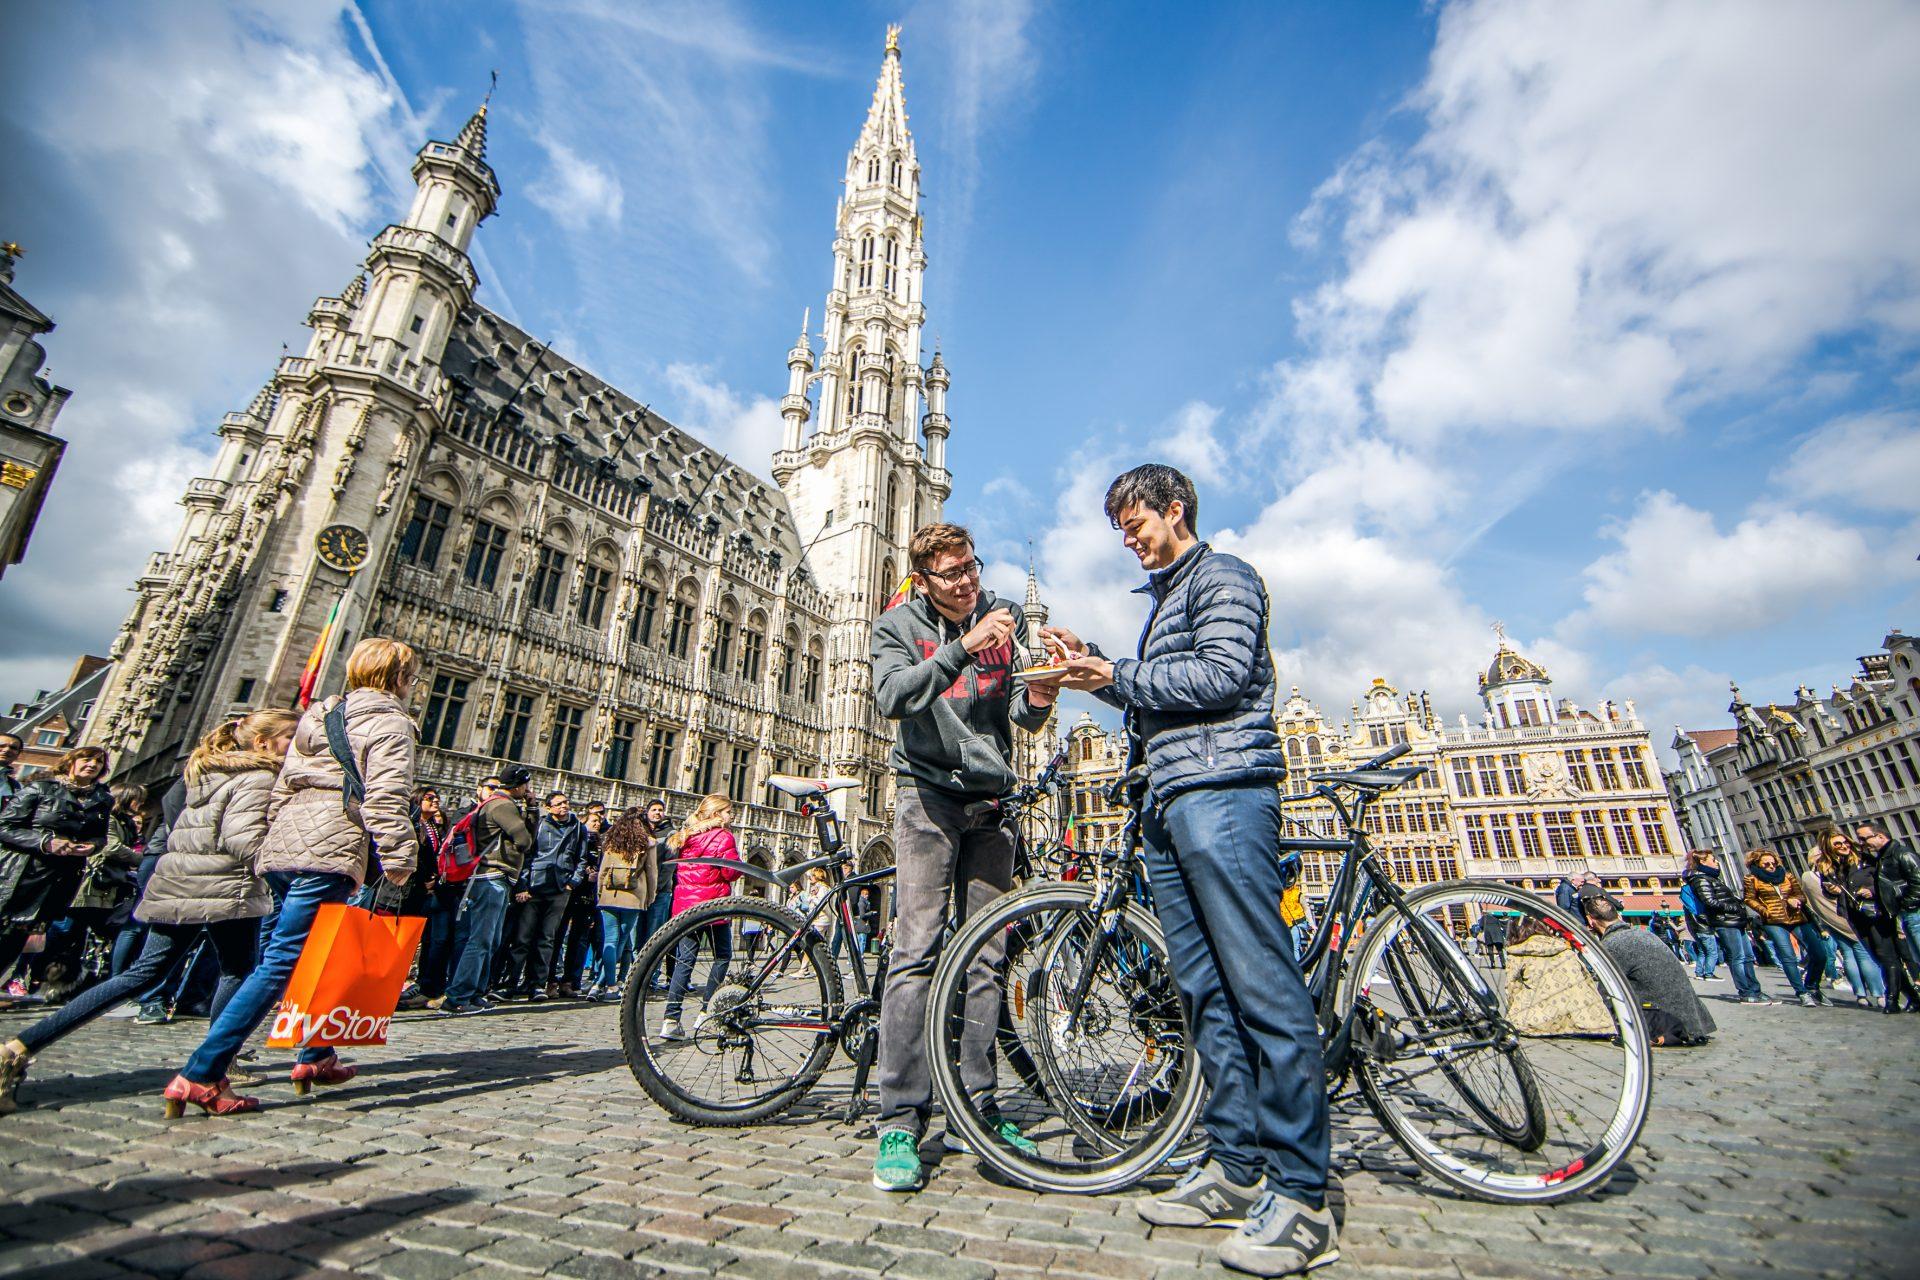 Grand-Place, a praça que é um dos cartões postais de Bruxelas (Foto: © visit.brussels/Eric Danhier)